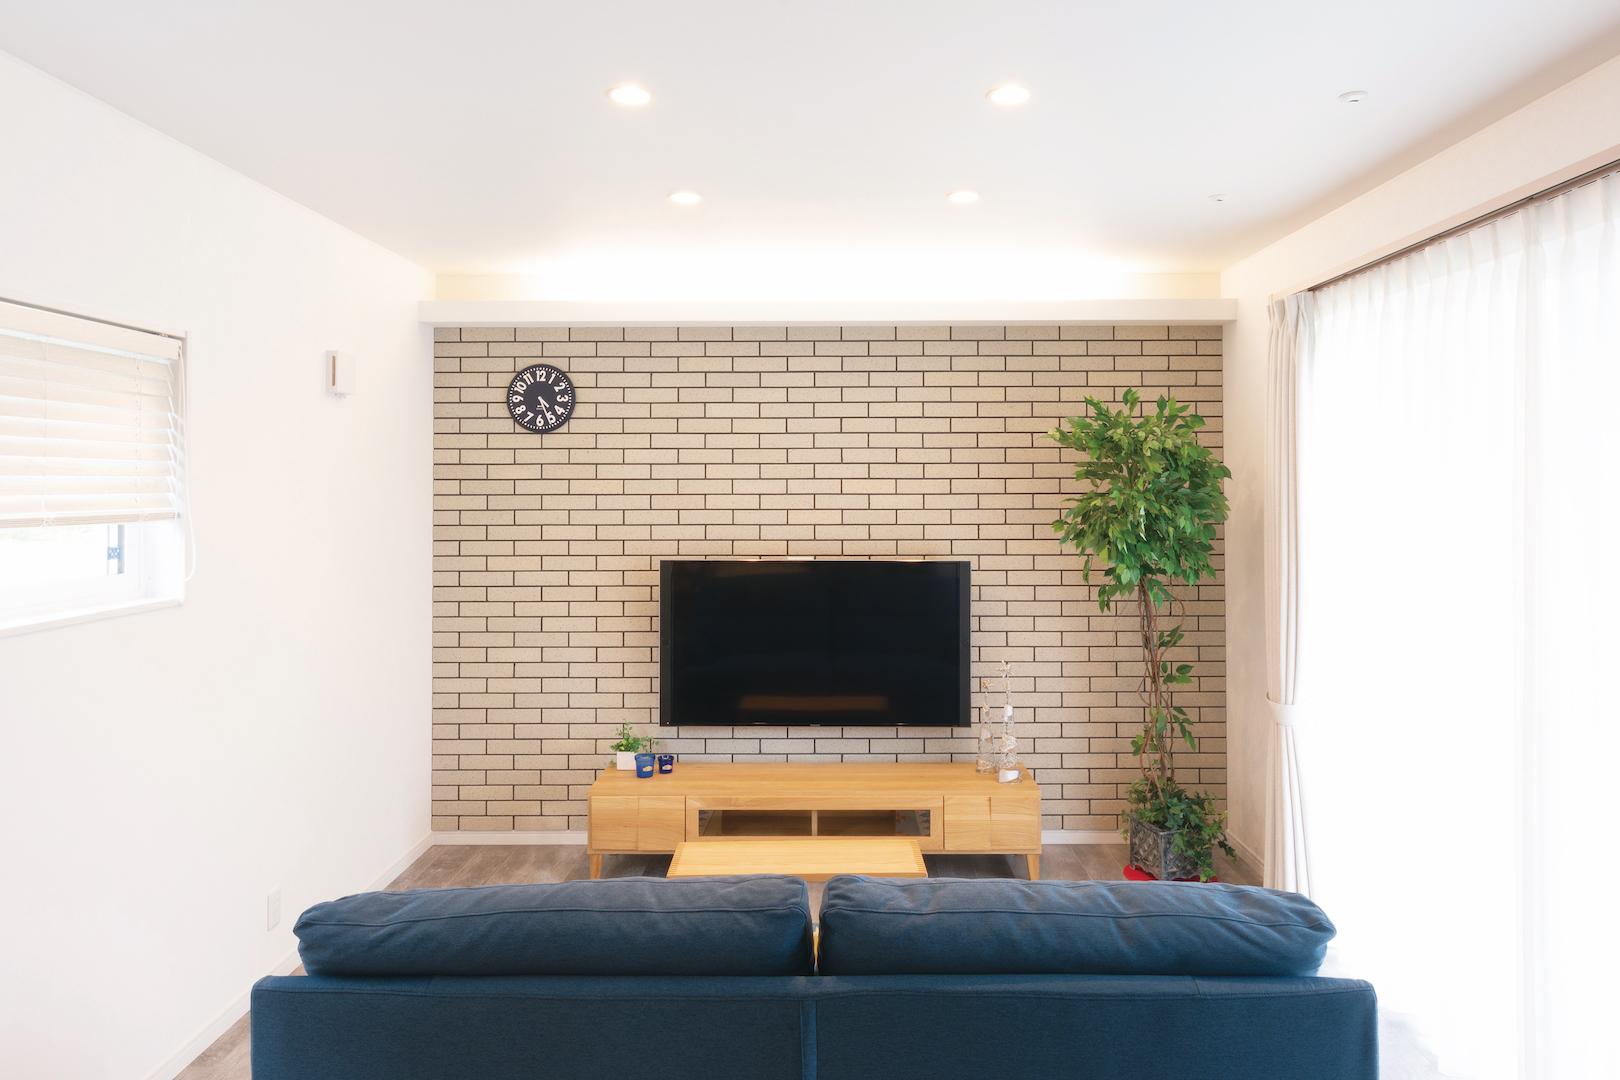 irohaco (アヴァンス)【1000万円台、間取り、インテリア】テレビの背面はタイル貼り。インテリアは『田中家具』がコーディネート